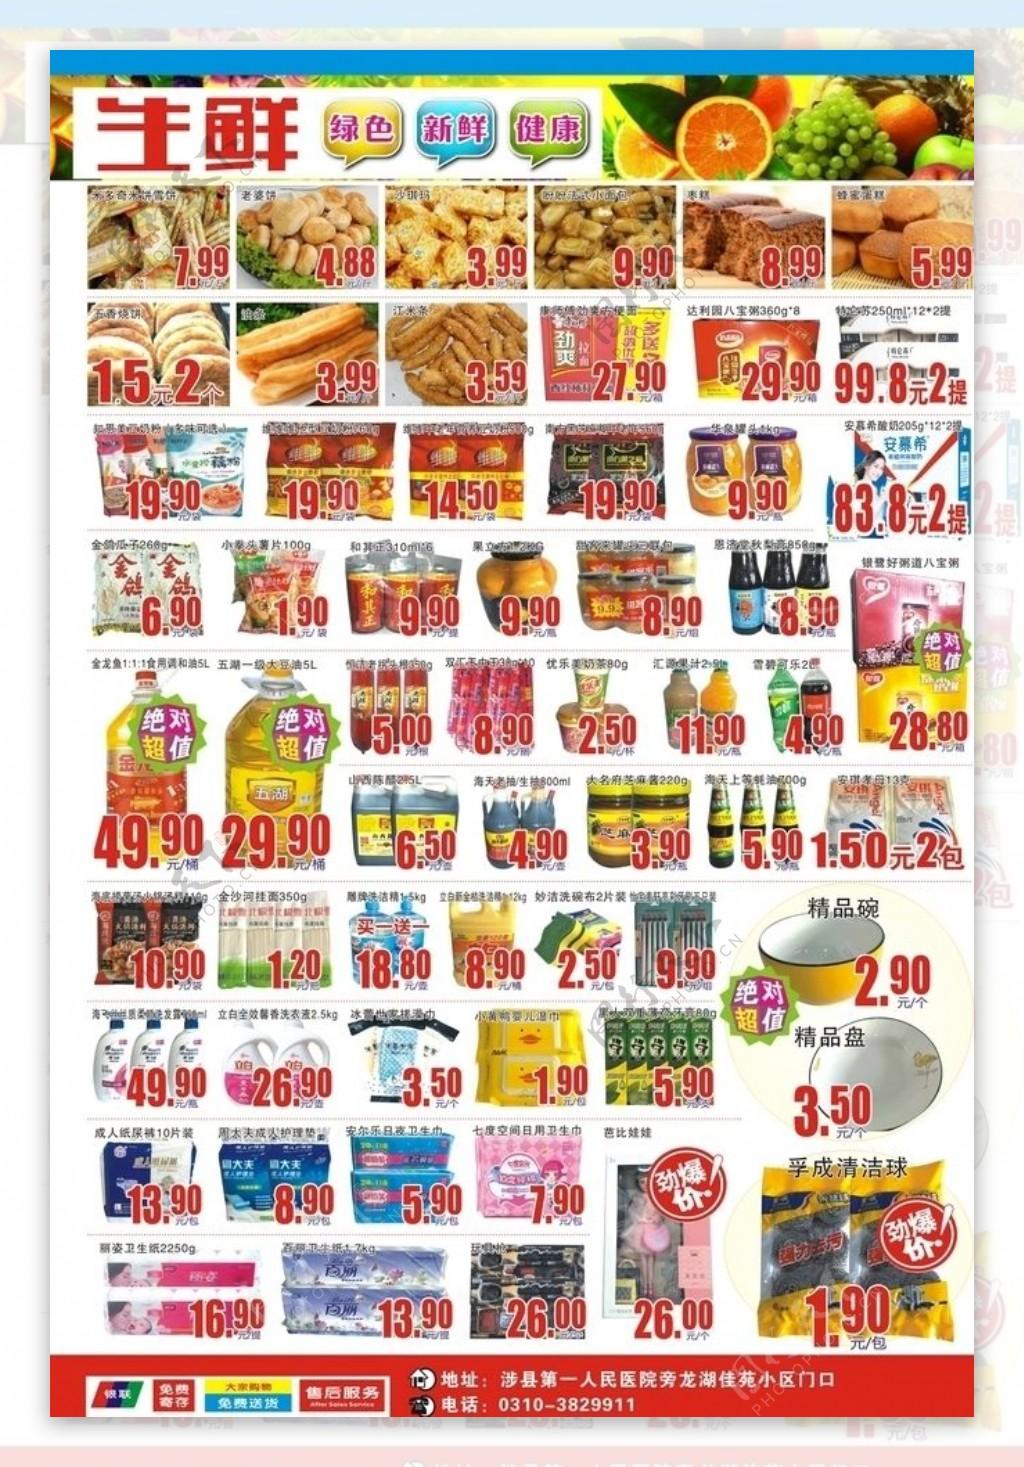 超市国庆活动商品